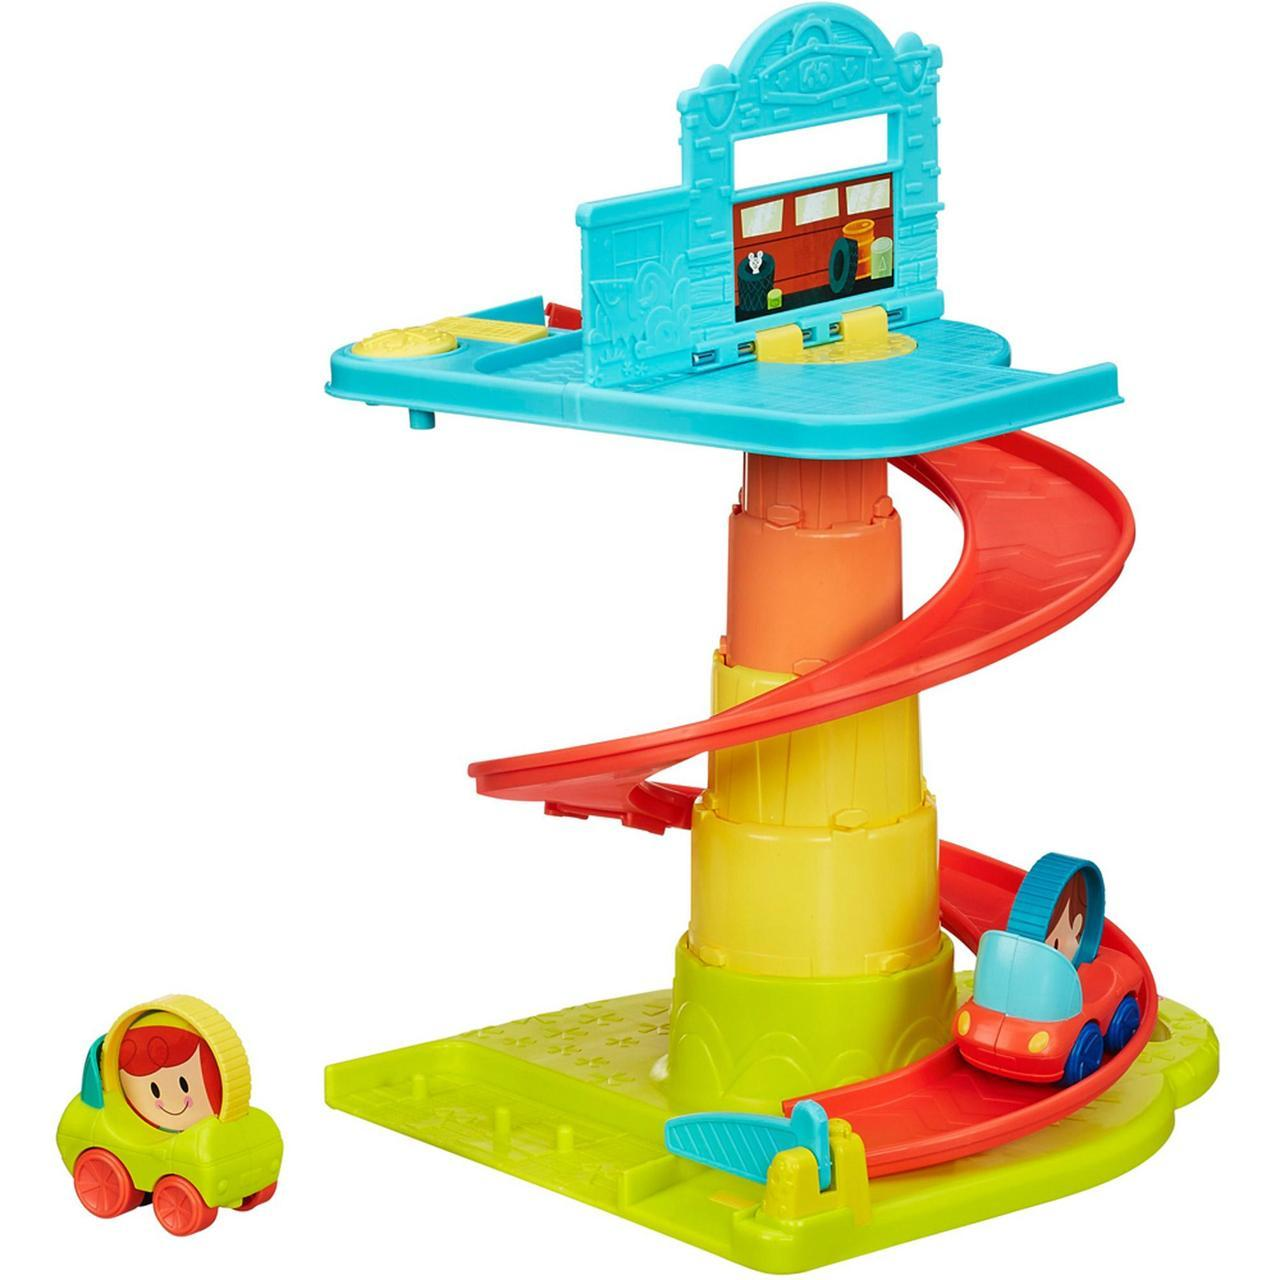 Игровой набор Веселый Гараж Playskool Hasbro B1649